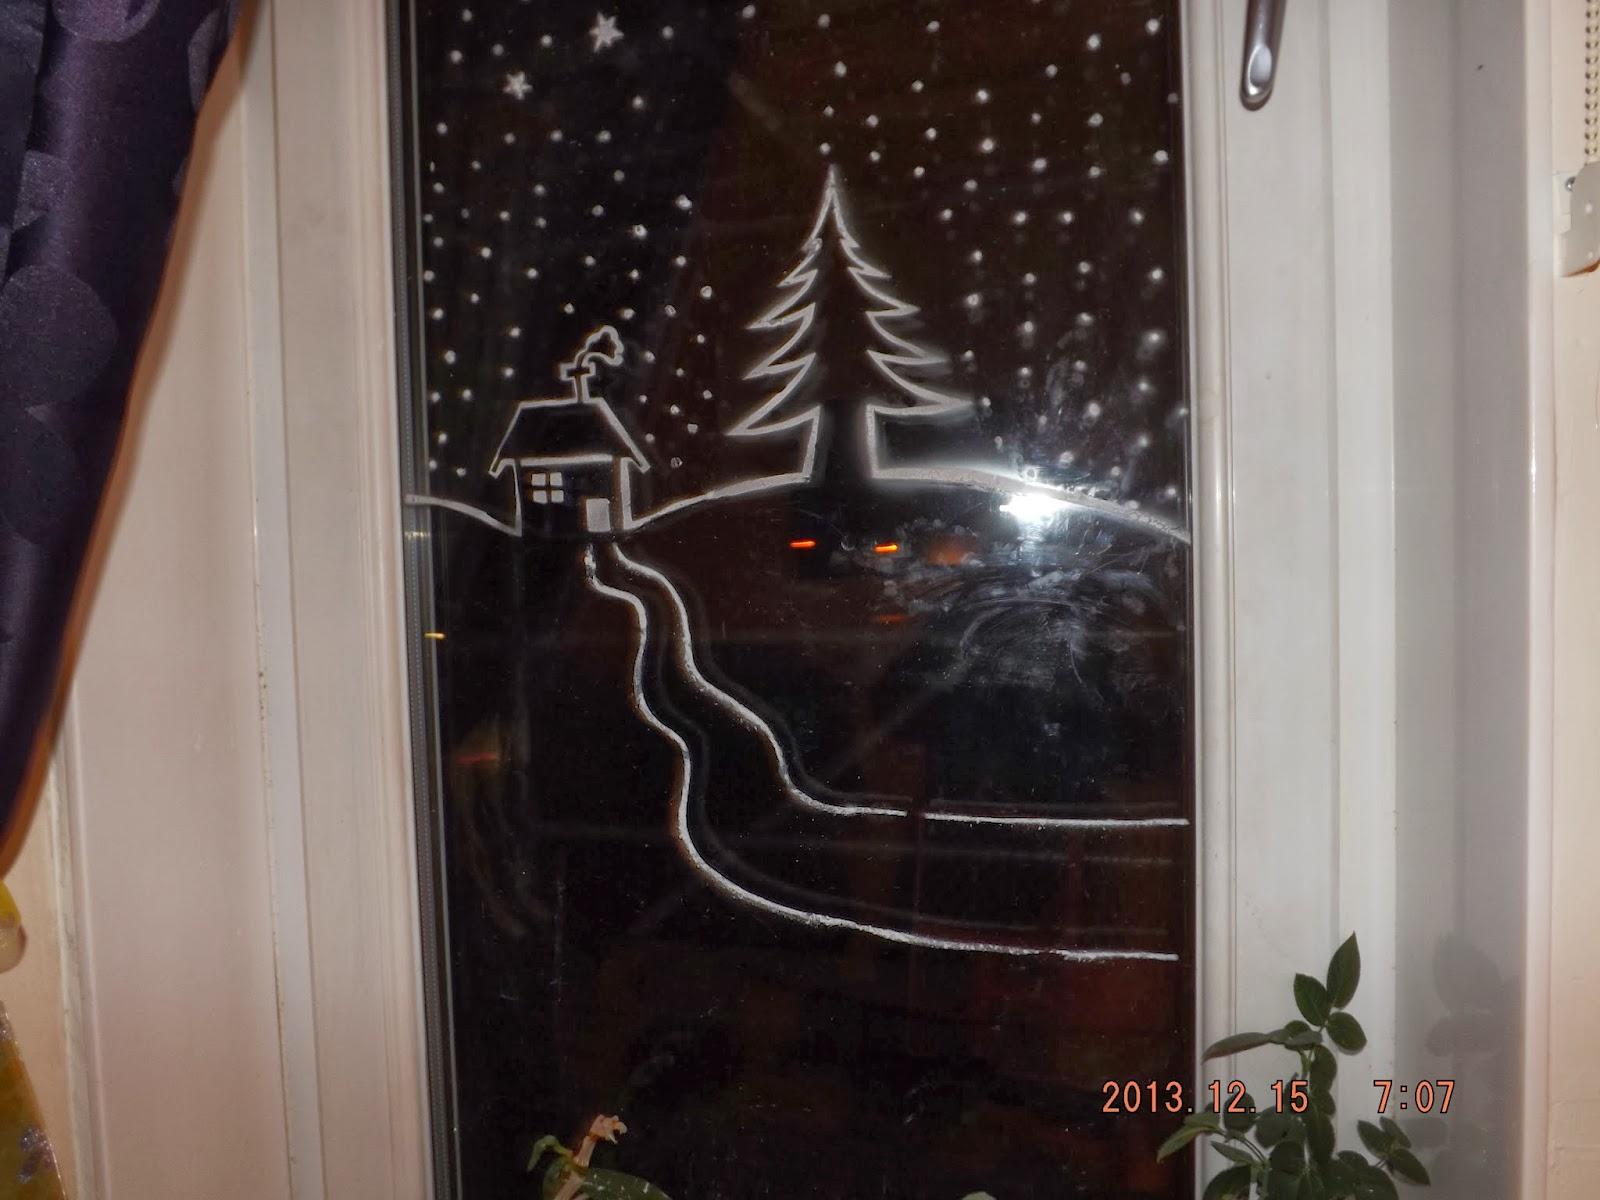 Karácsonyi ablakdísz műhó spray-vel, az út már tel lett fújva teljesen